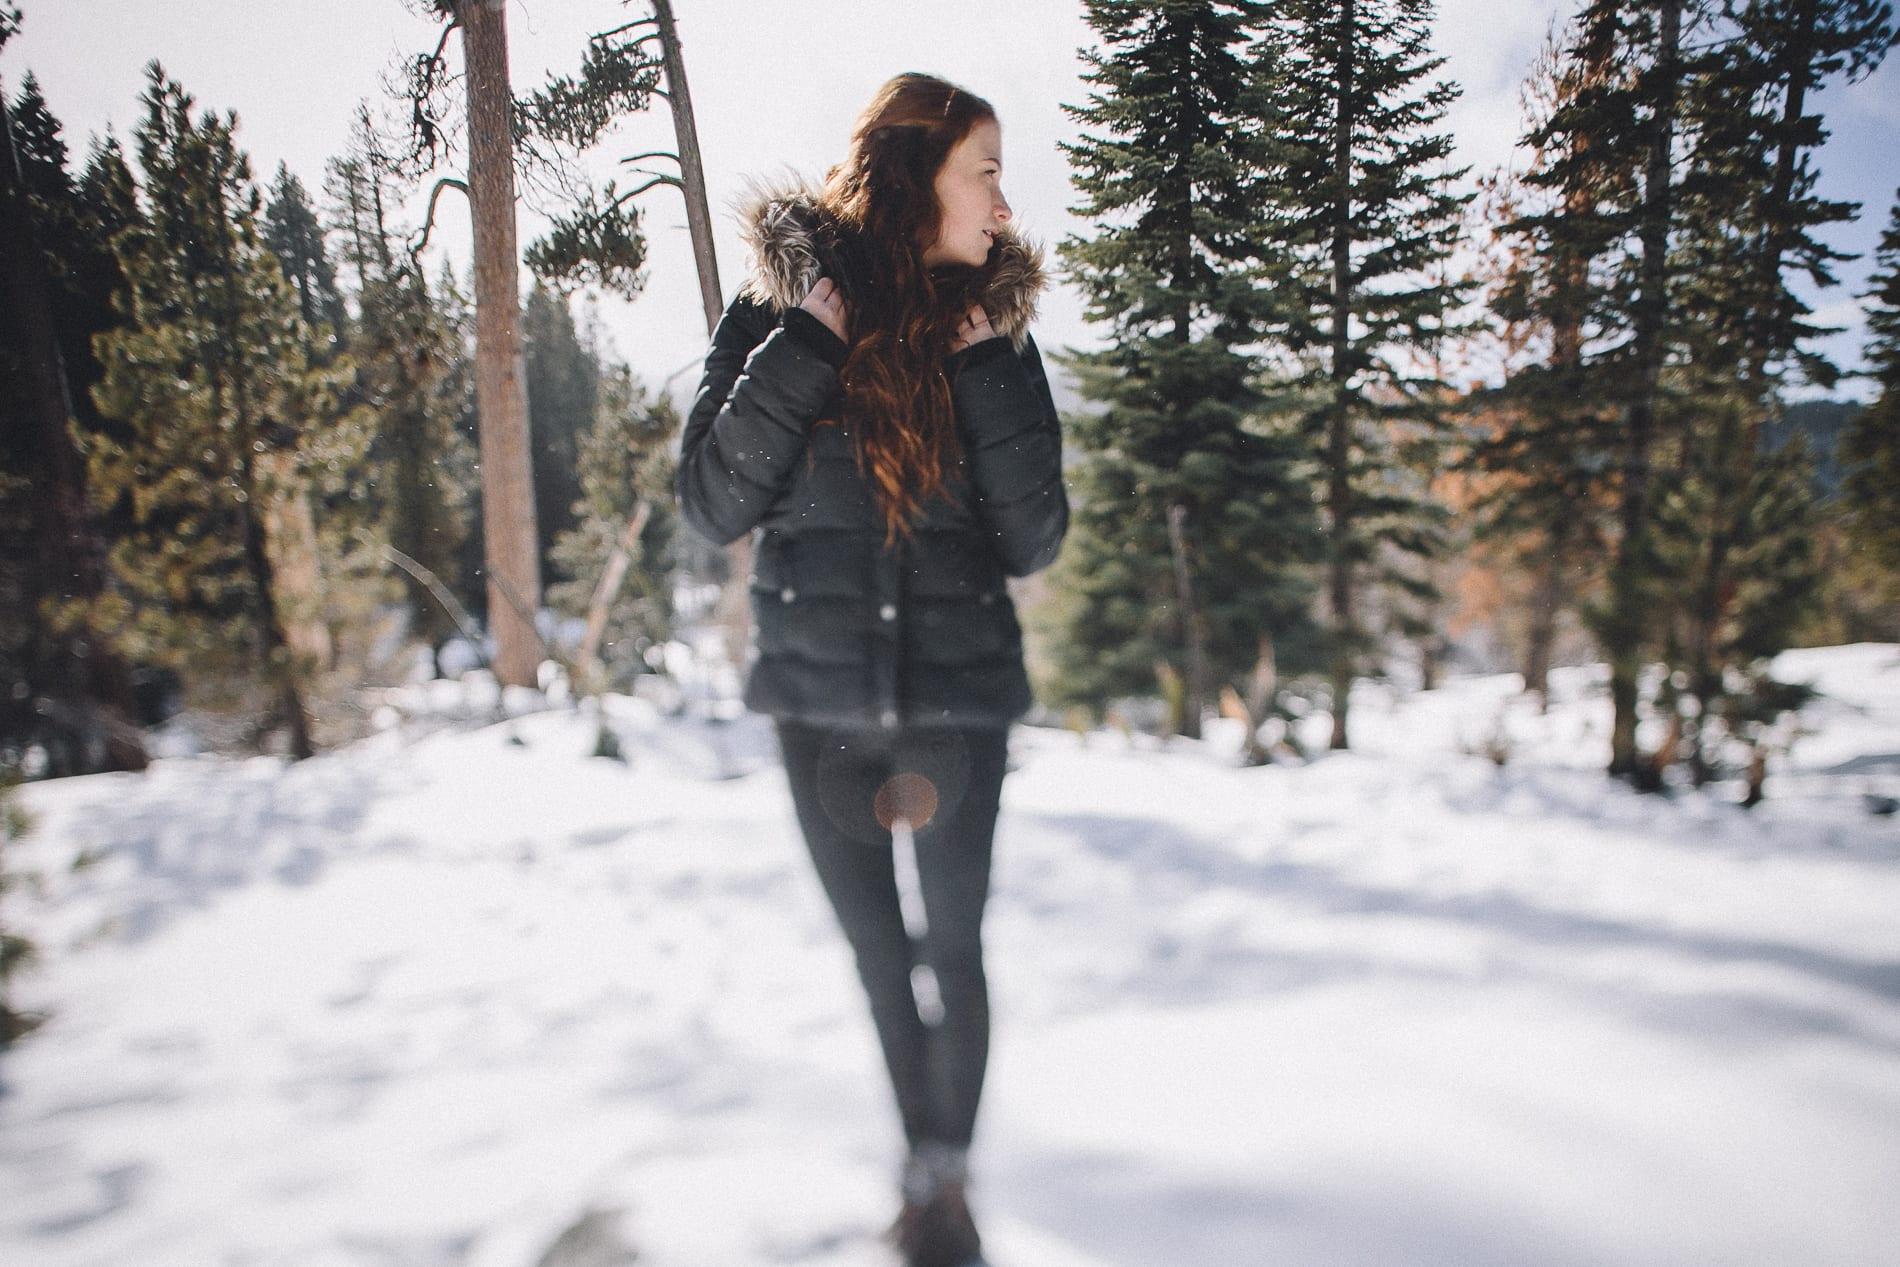 mount-lassen-adventures-lifestyle-portrait-photography-2